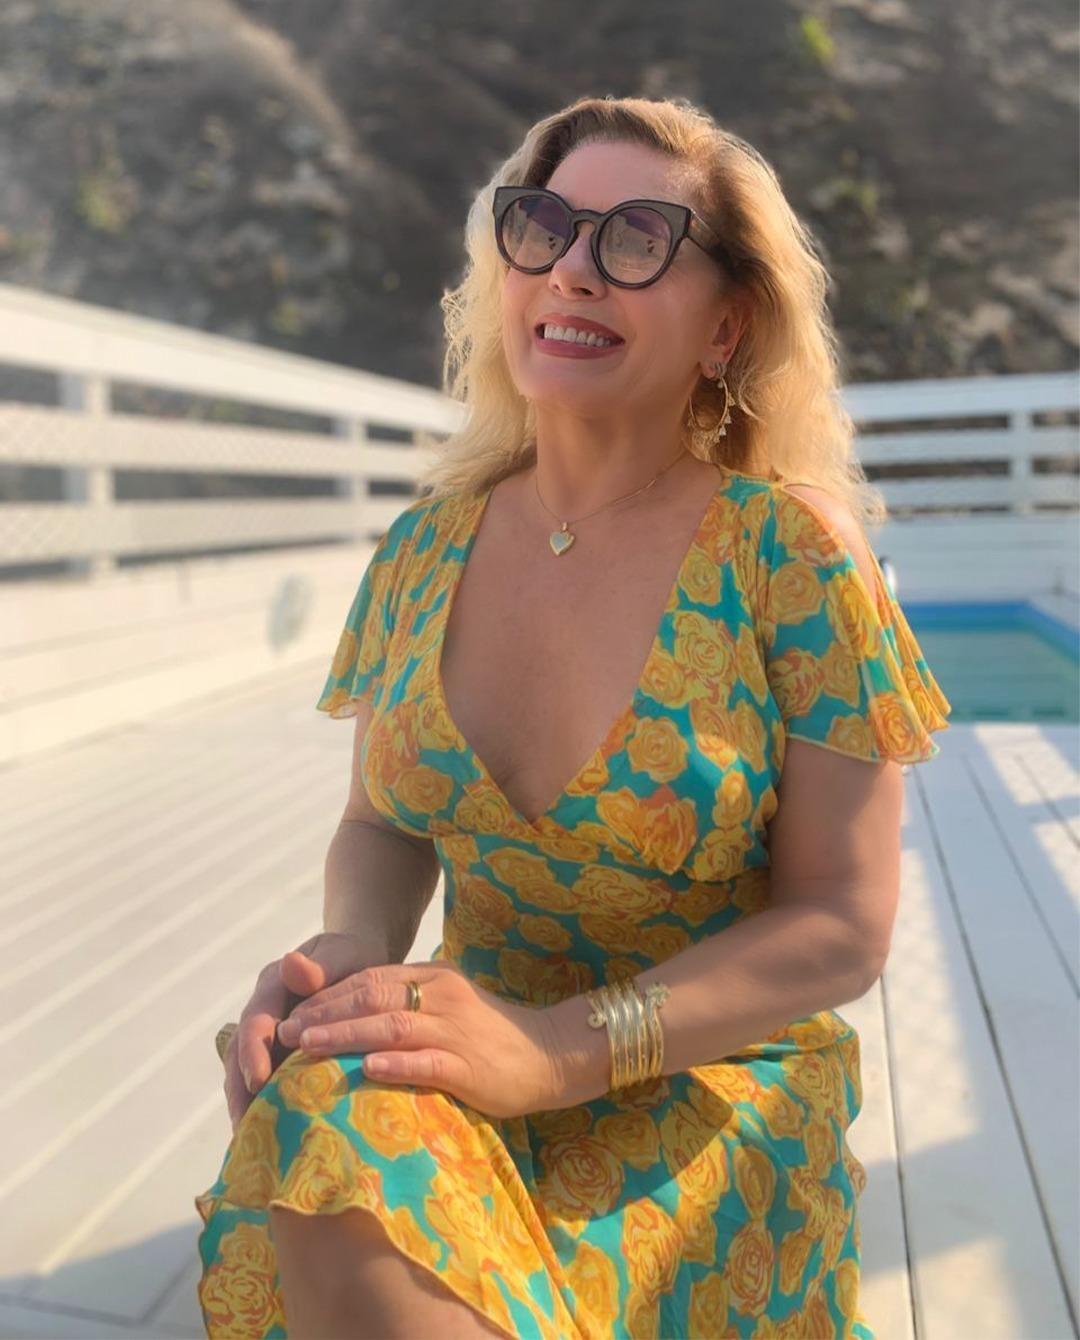 Vera Fischer e a nudez que provoca o caos